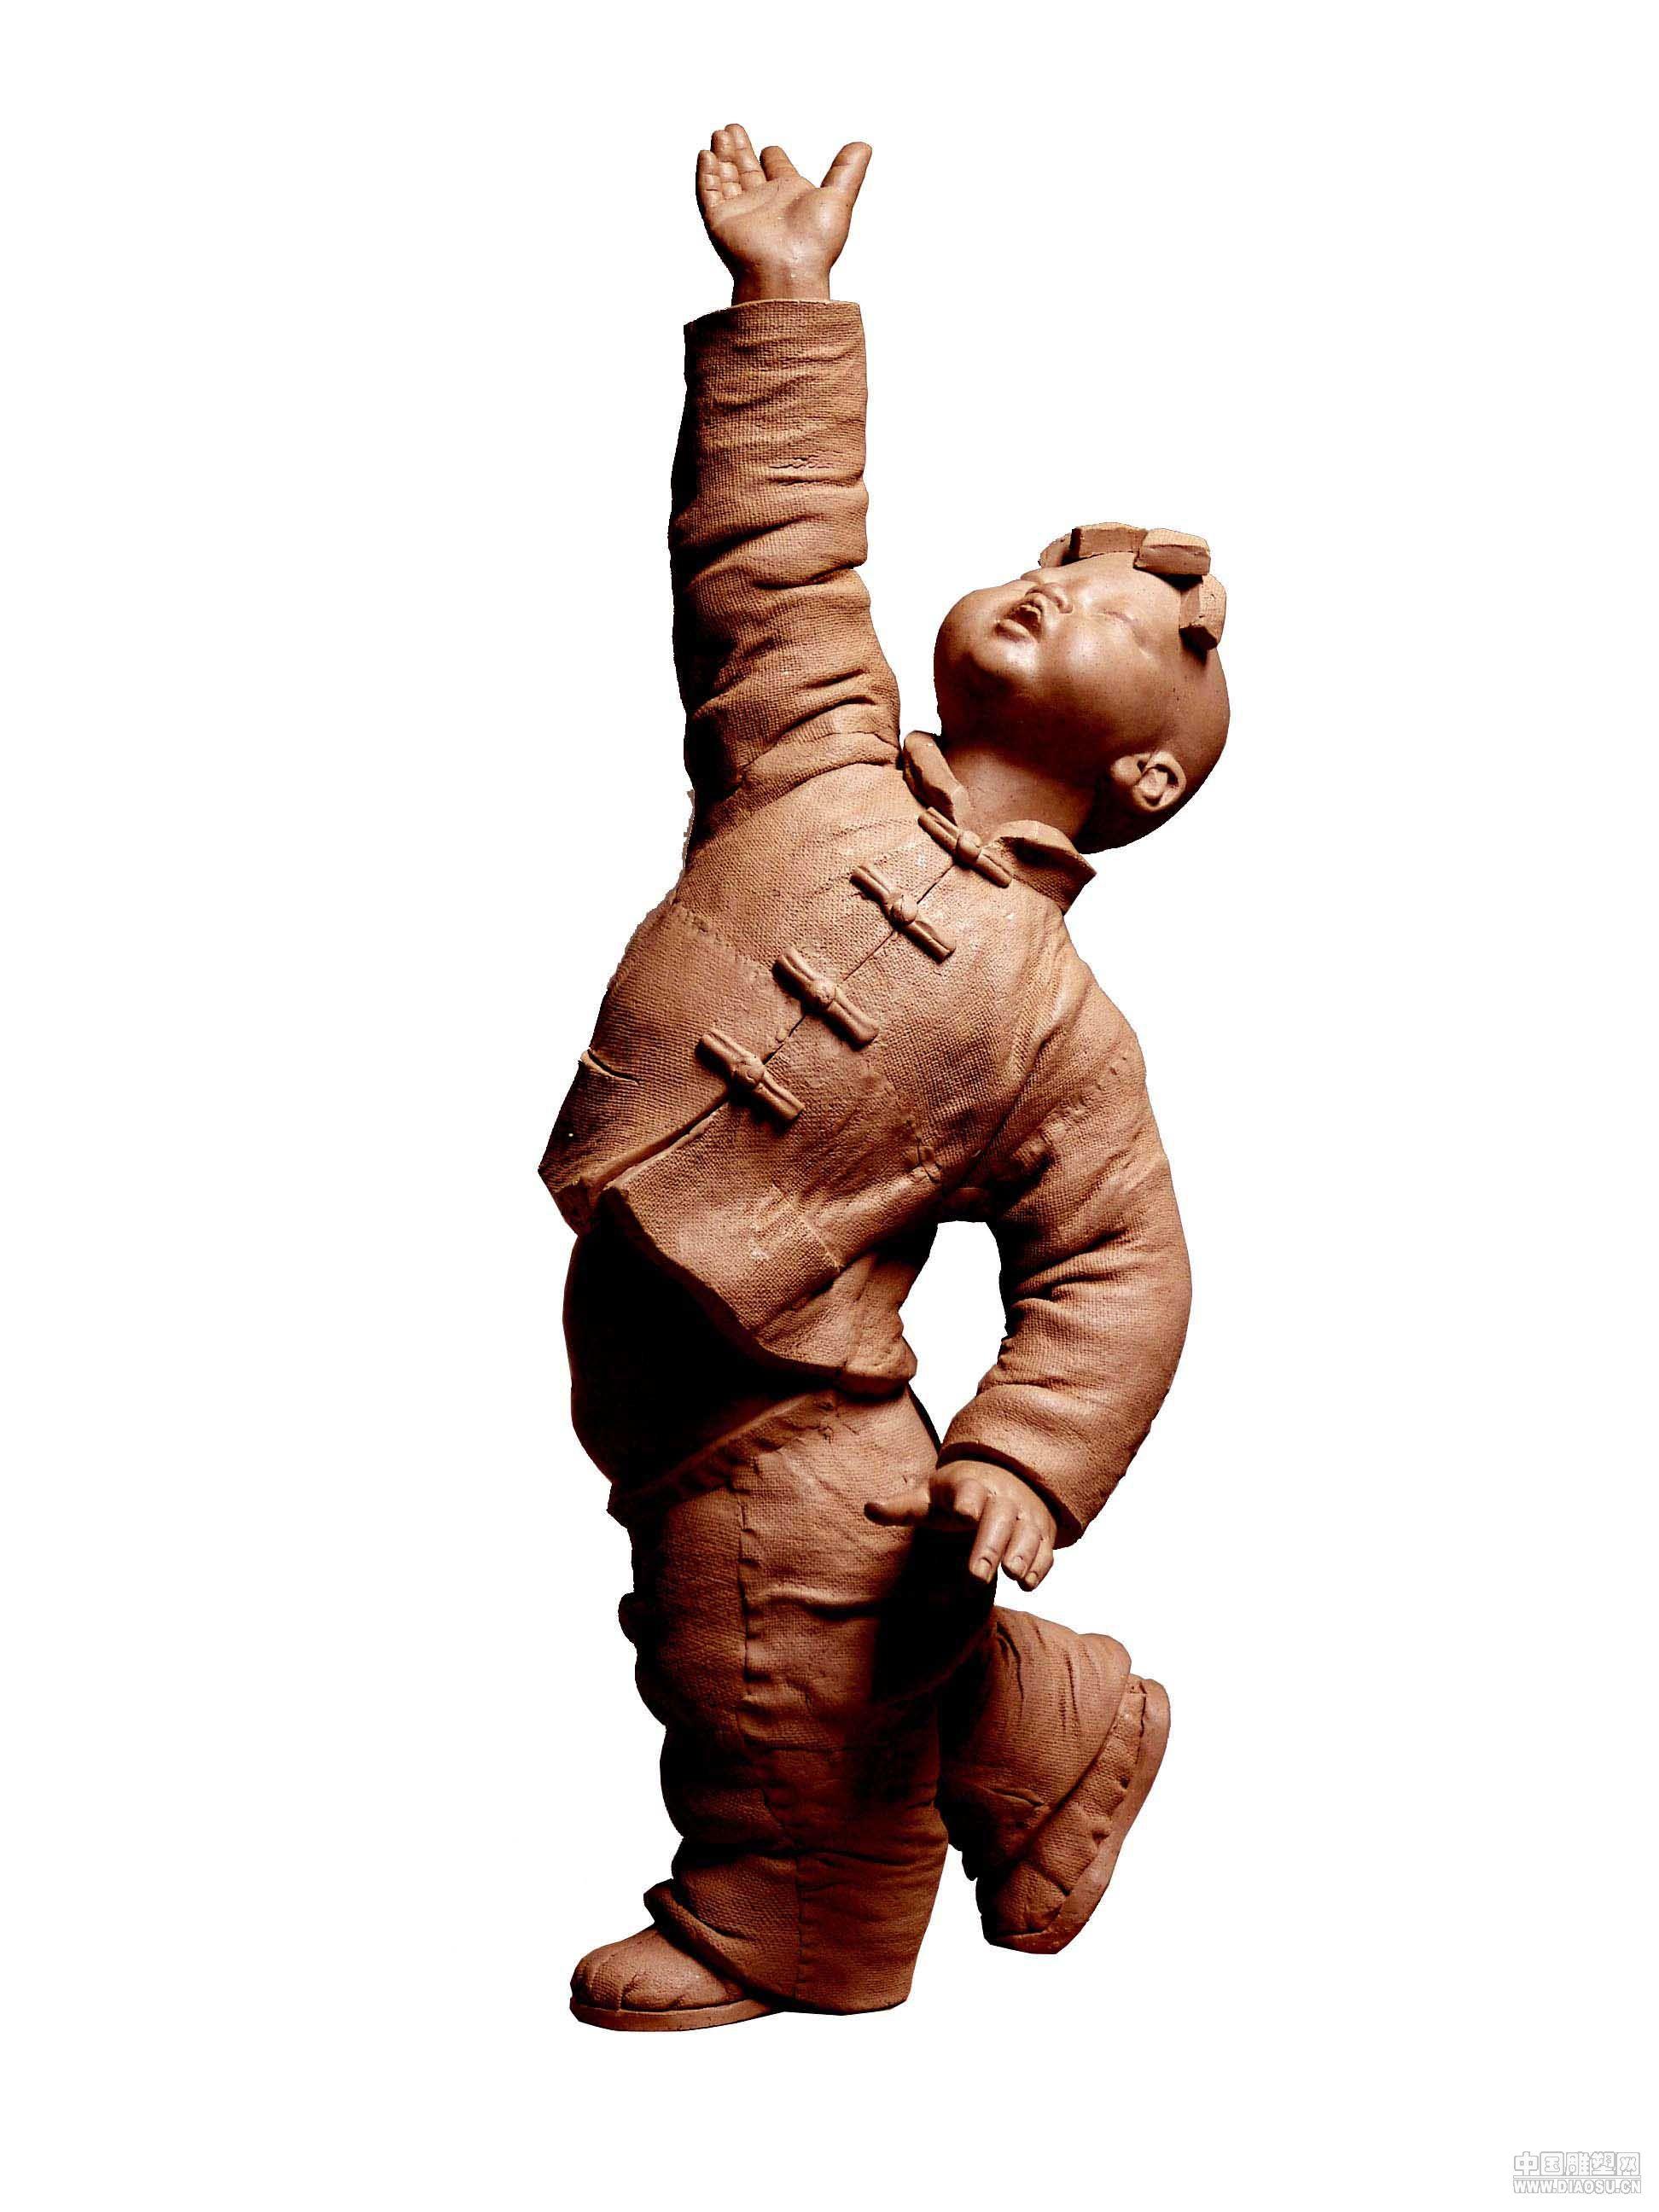 [转载]雕塑家肖小裘的作品欣赏